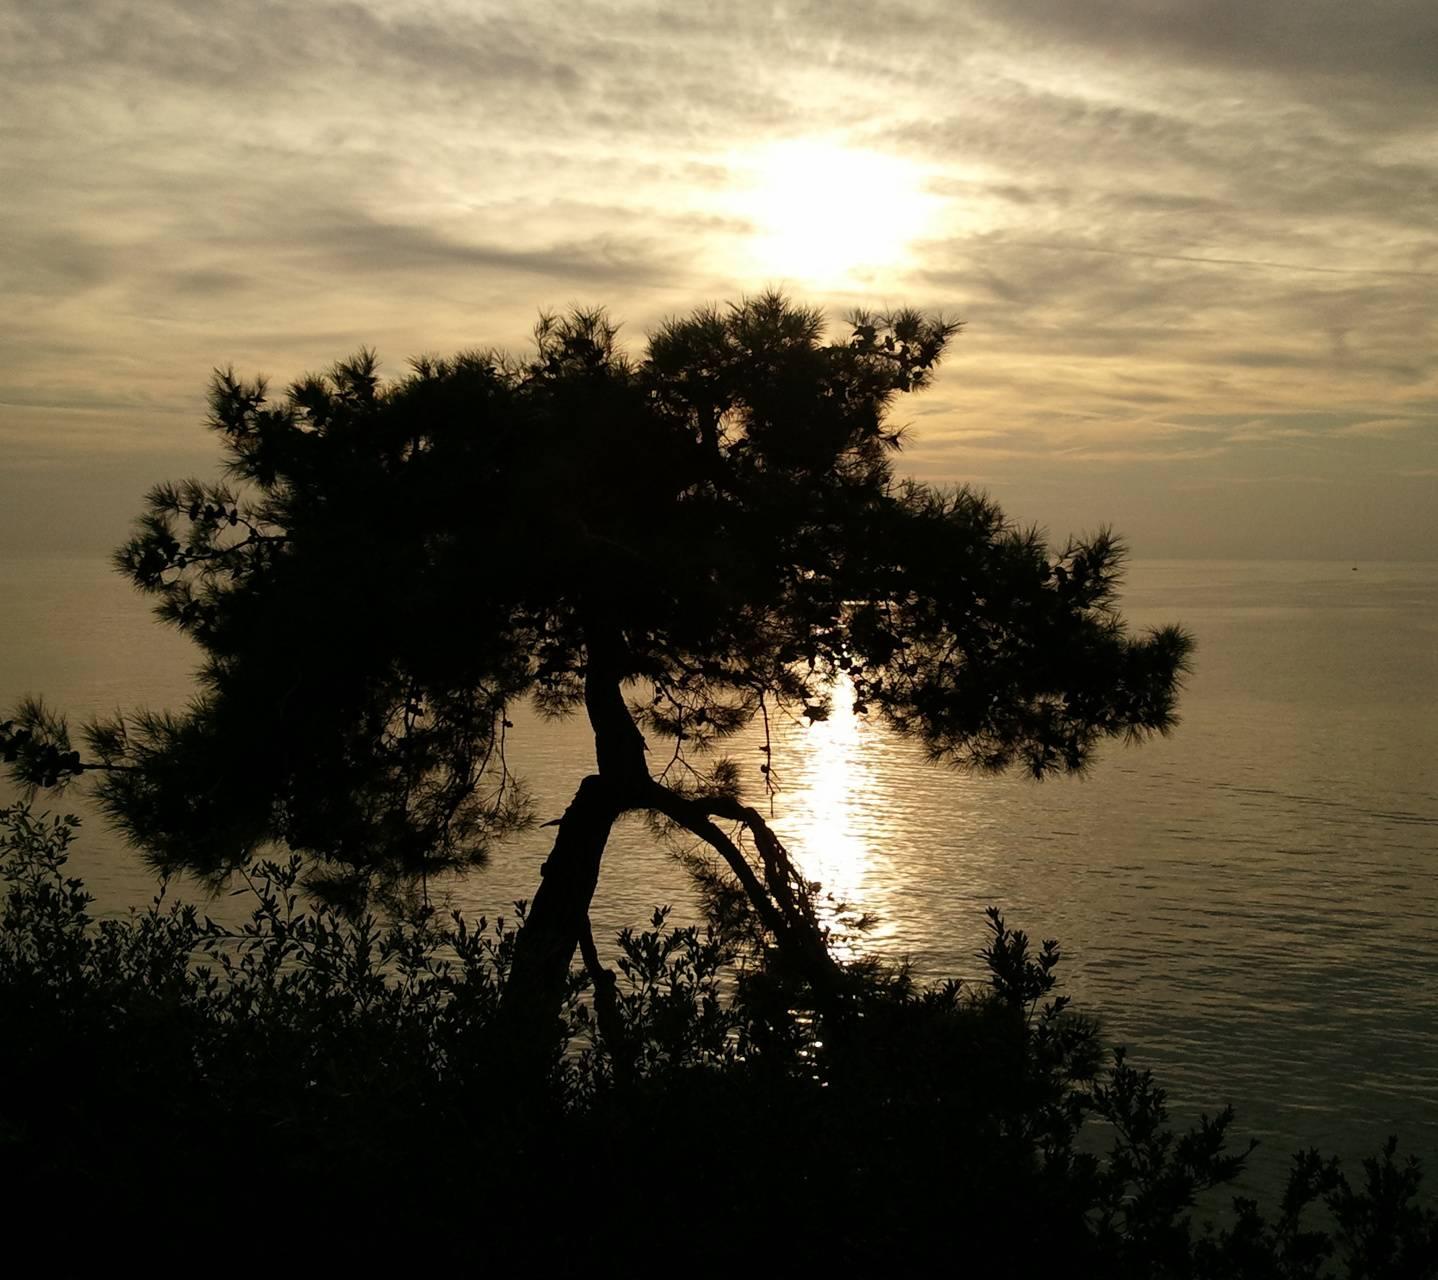 Sunset at Miramare